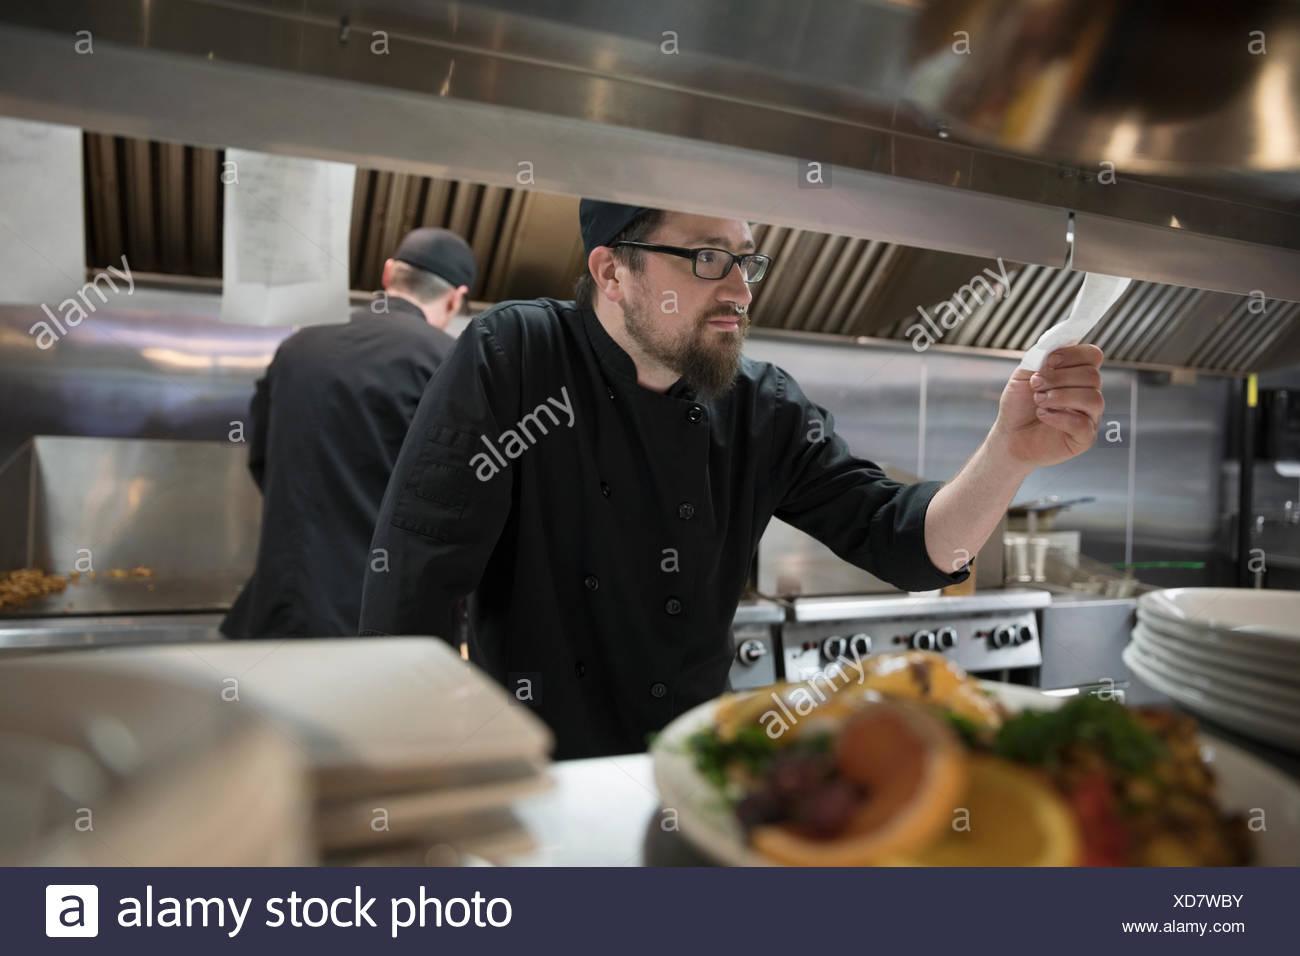 Cuisinier à la chaîne du contrôle commande, la préparation des aliments dans une cuisine de restaurant Photo Stock